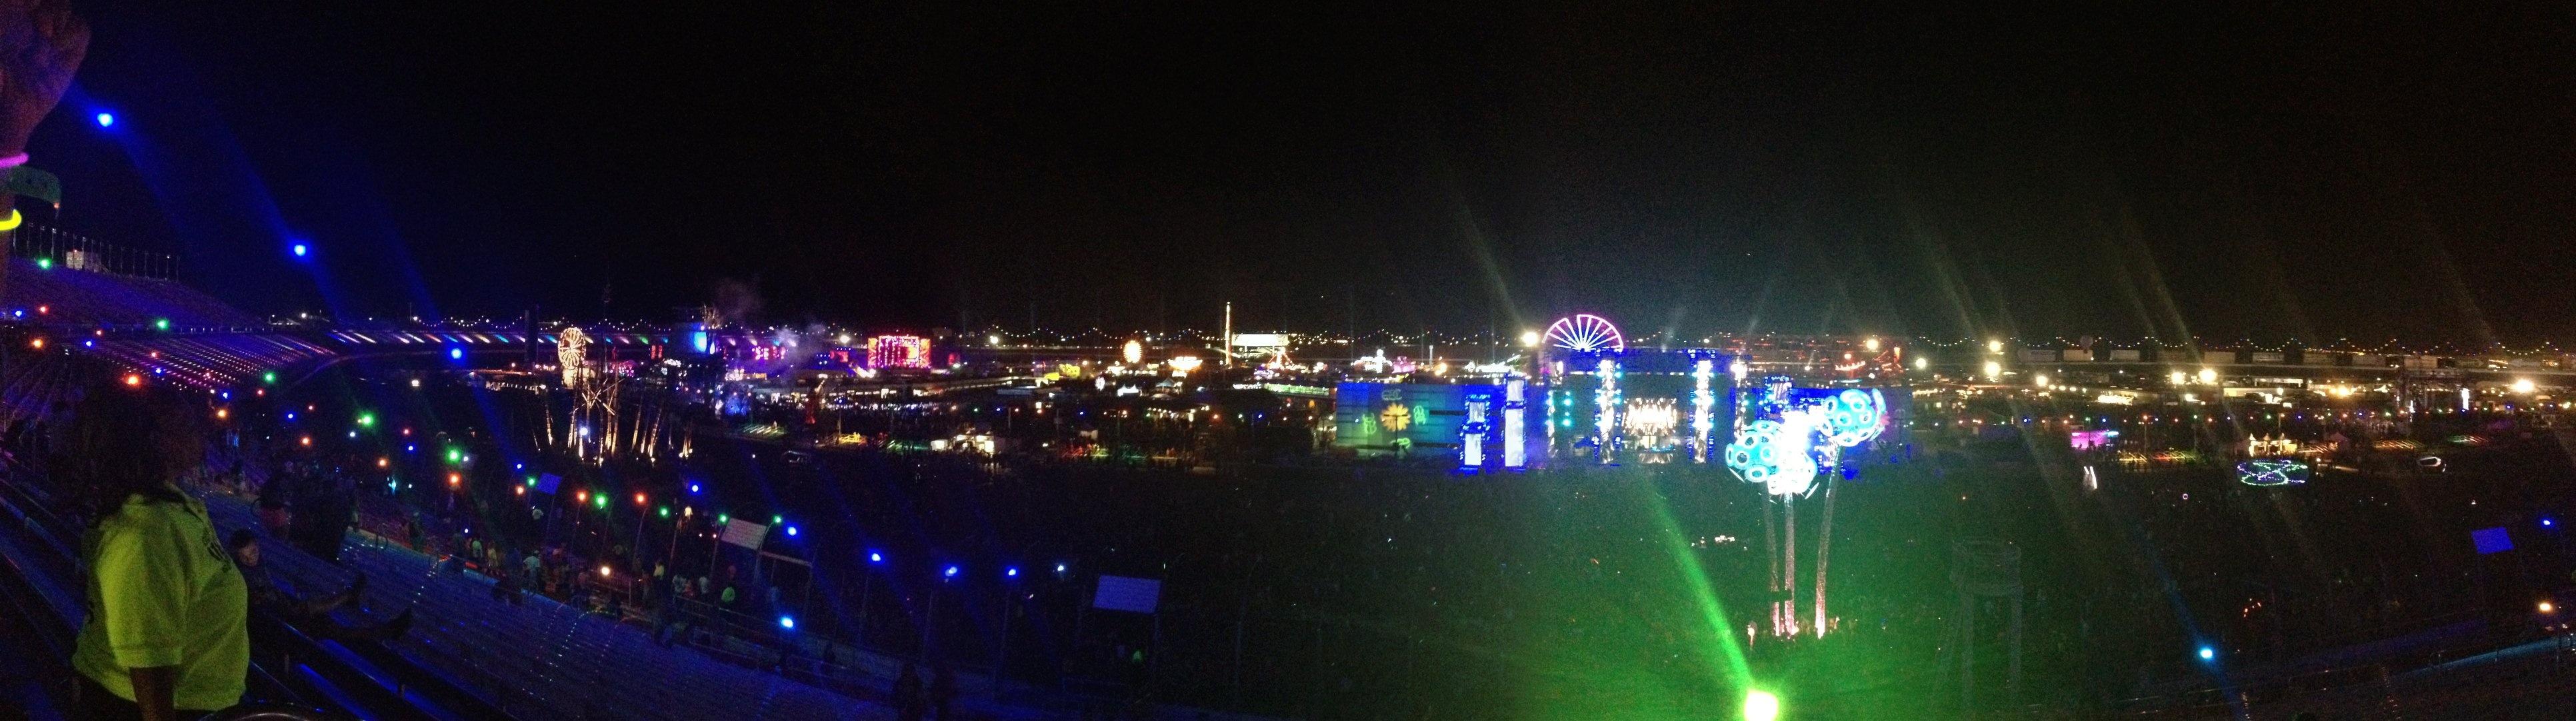 EDC Panoramic